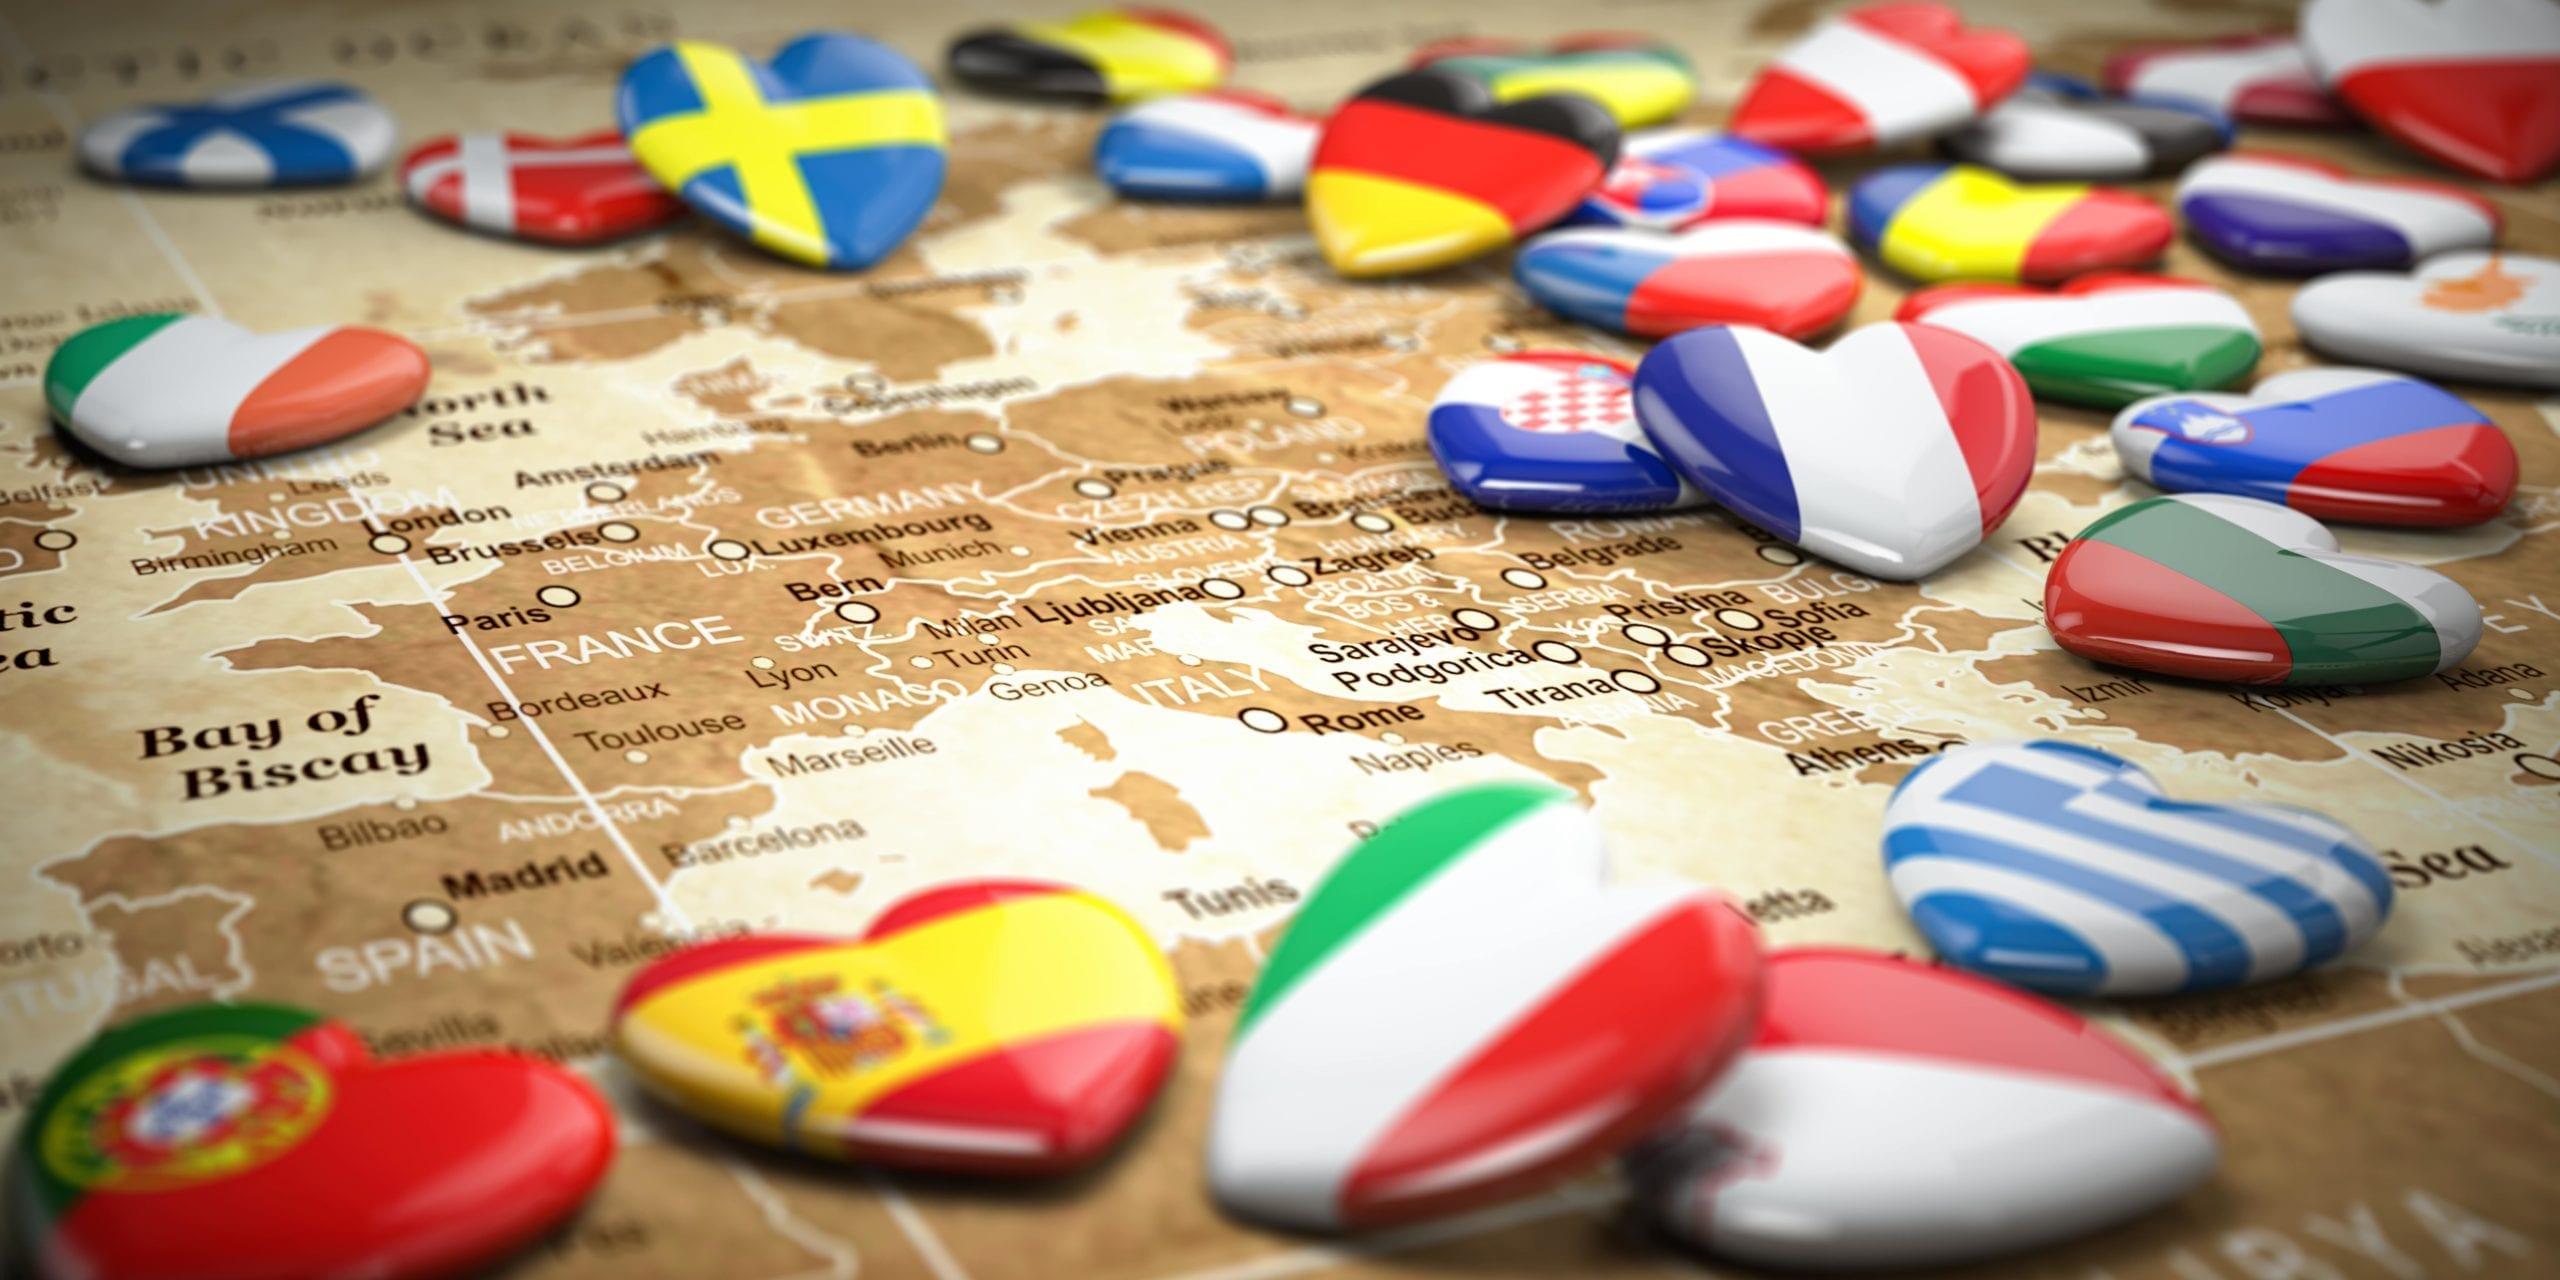 Studiranje na sjeveru i jugu EU-a: jesu li nam Danci doista stranci, a Talijani bliski susjedi?